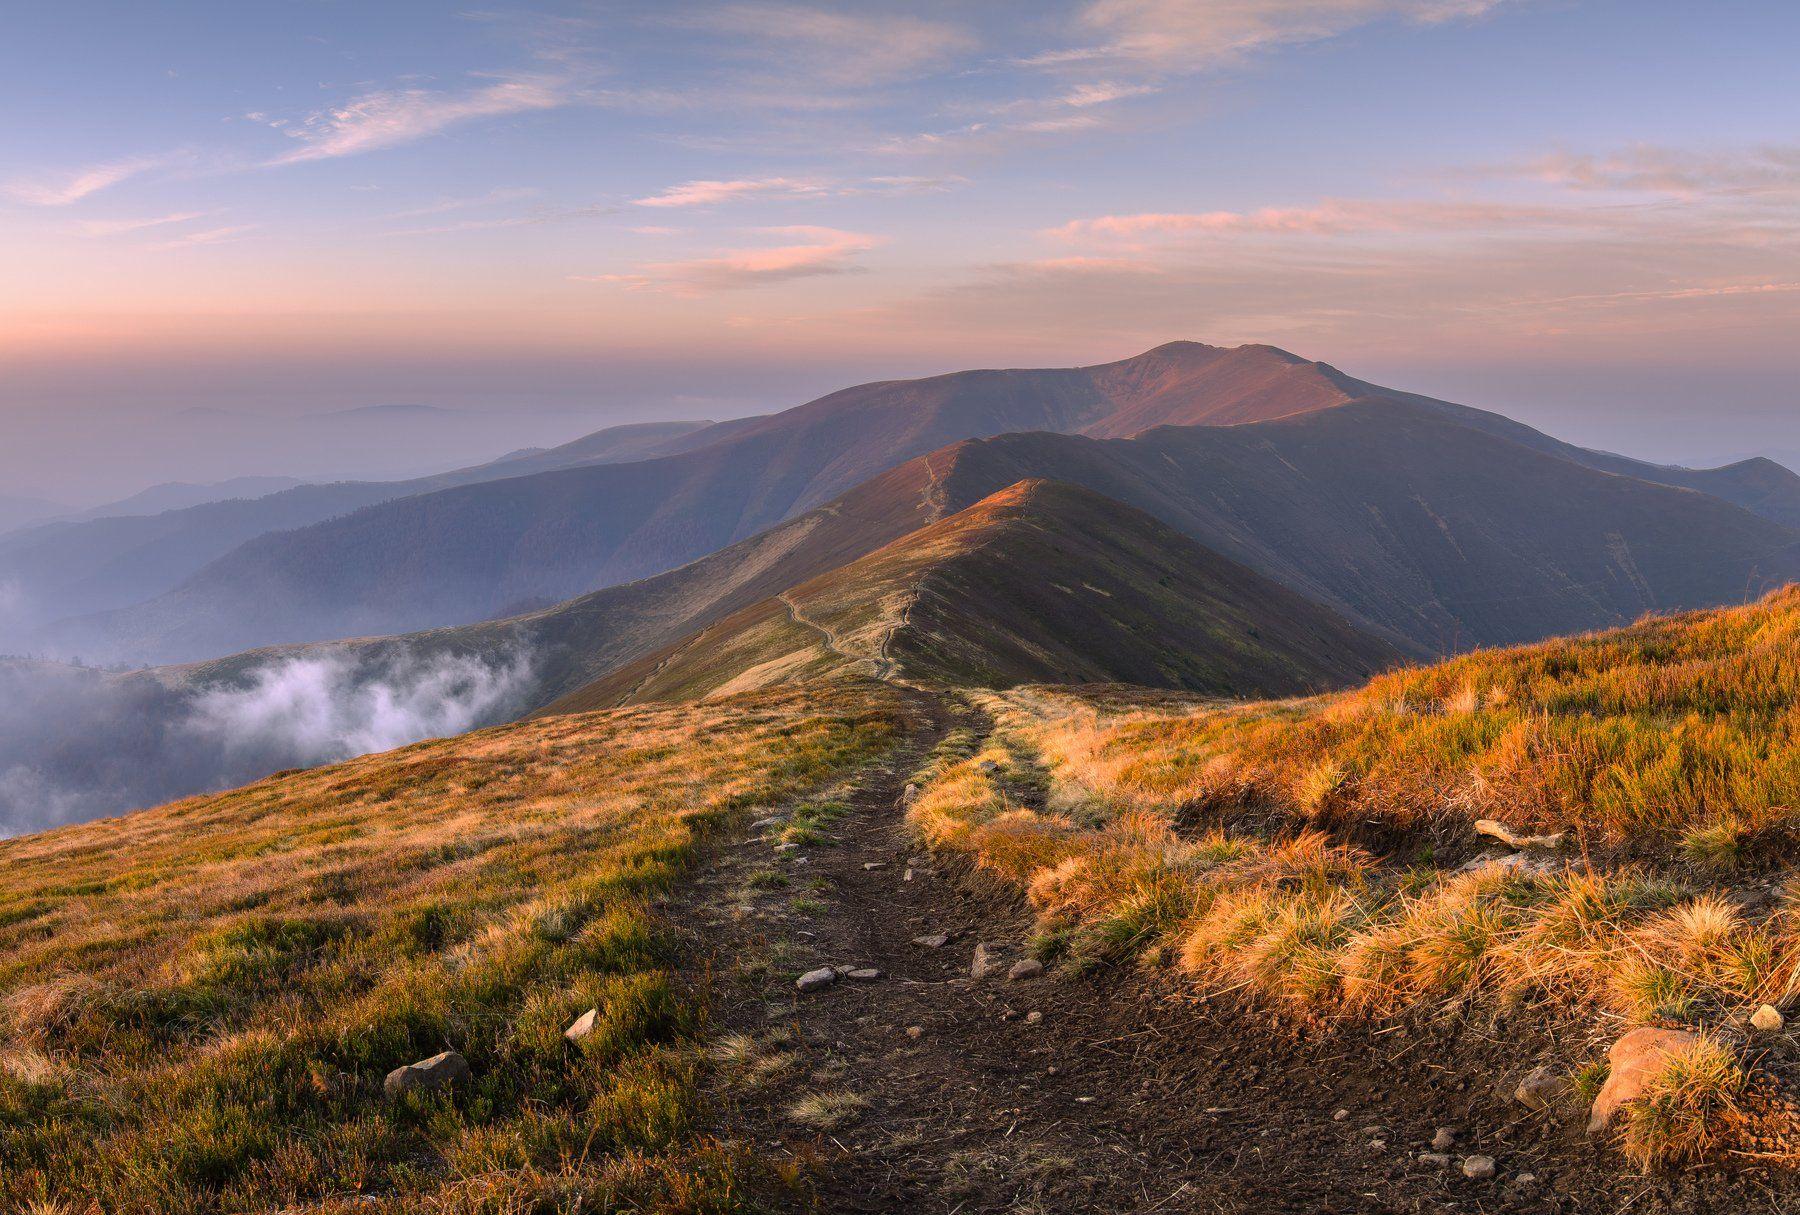 украина, карпаты, горы, боржавский массив, гора стой, гора великий верх, Зинченко Роман